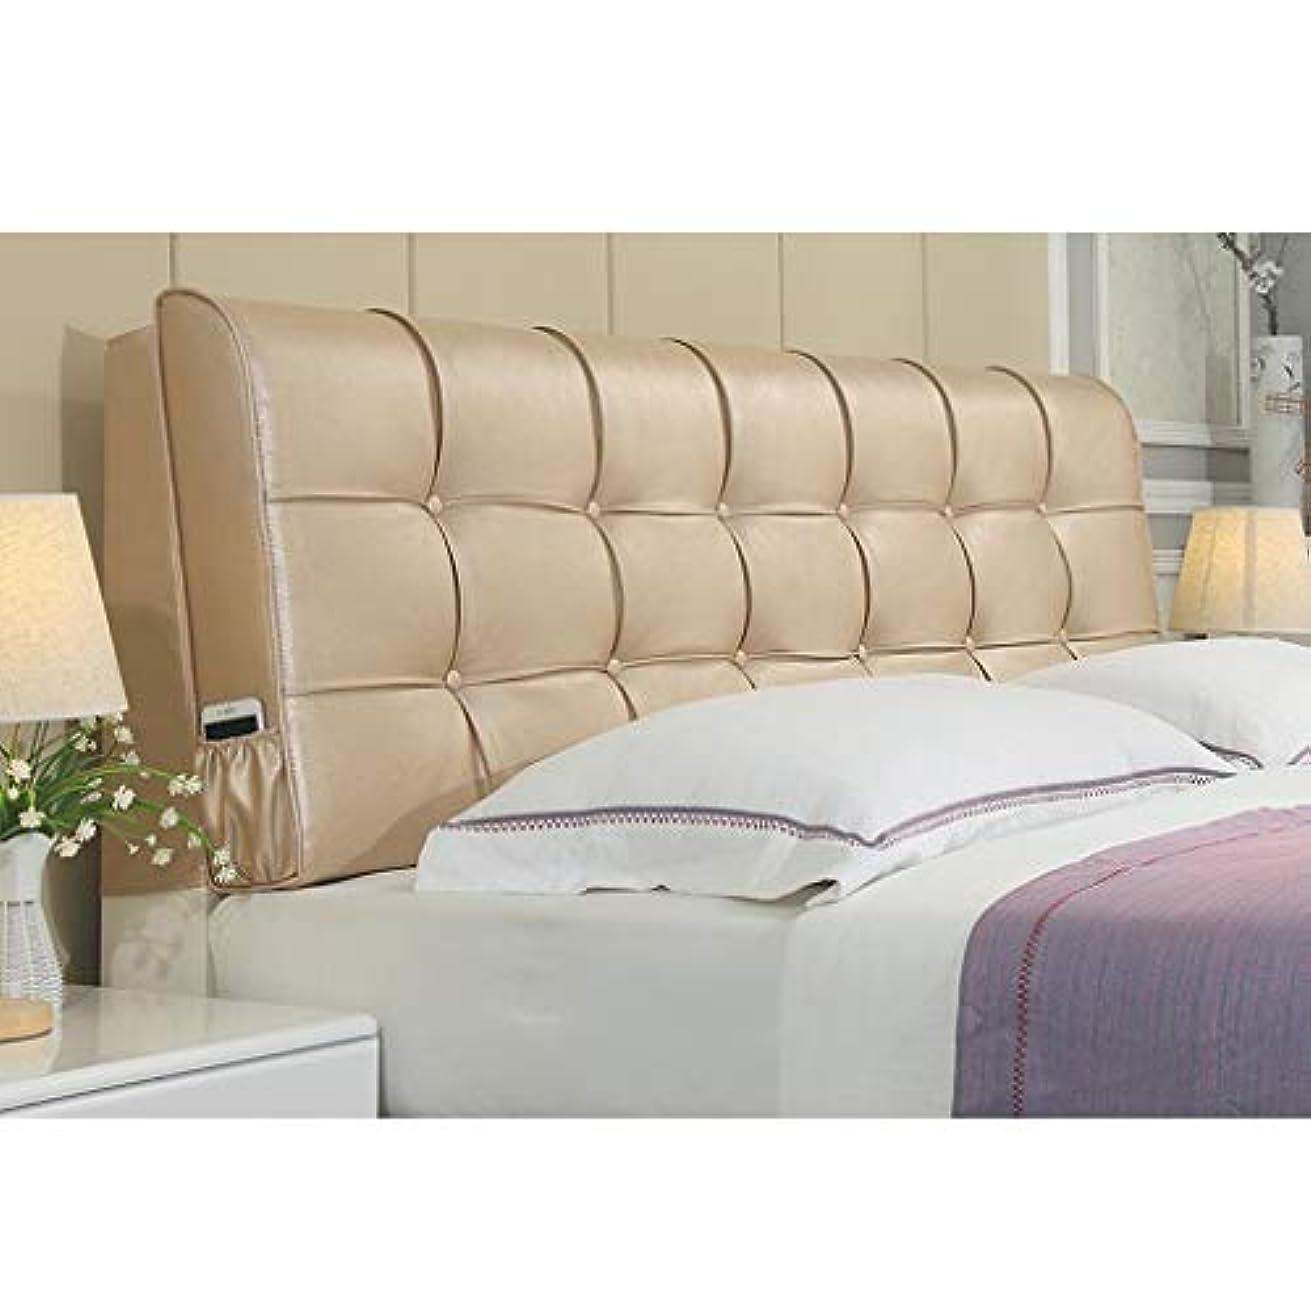 教えて膨張する十代Xipiアートベッド背もたれダブルベッドのソフトパックベッドクッション大きな背もたれ枕きれいに簡単 Zsetop (Color : D, Size : 120*58cm)